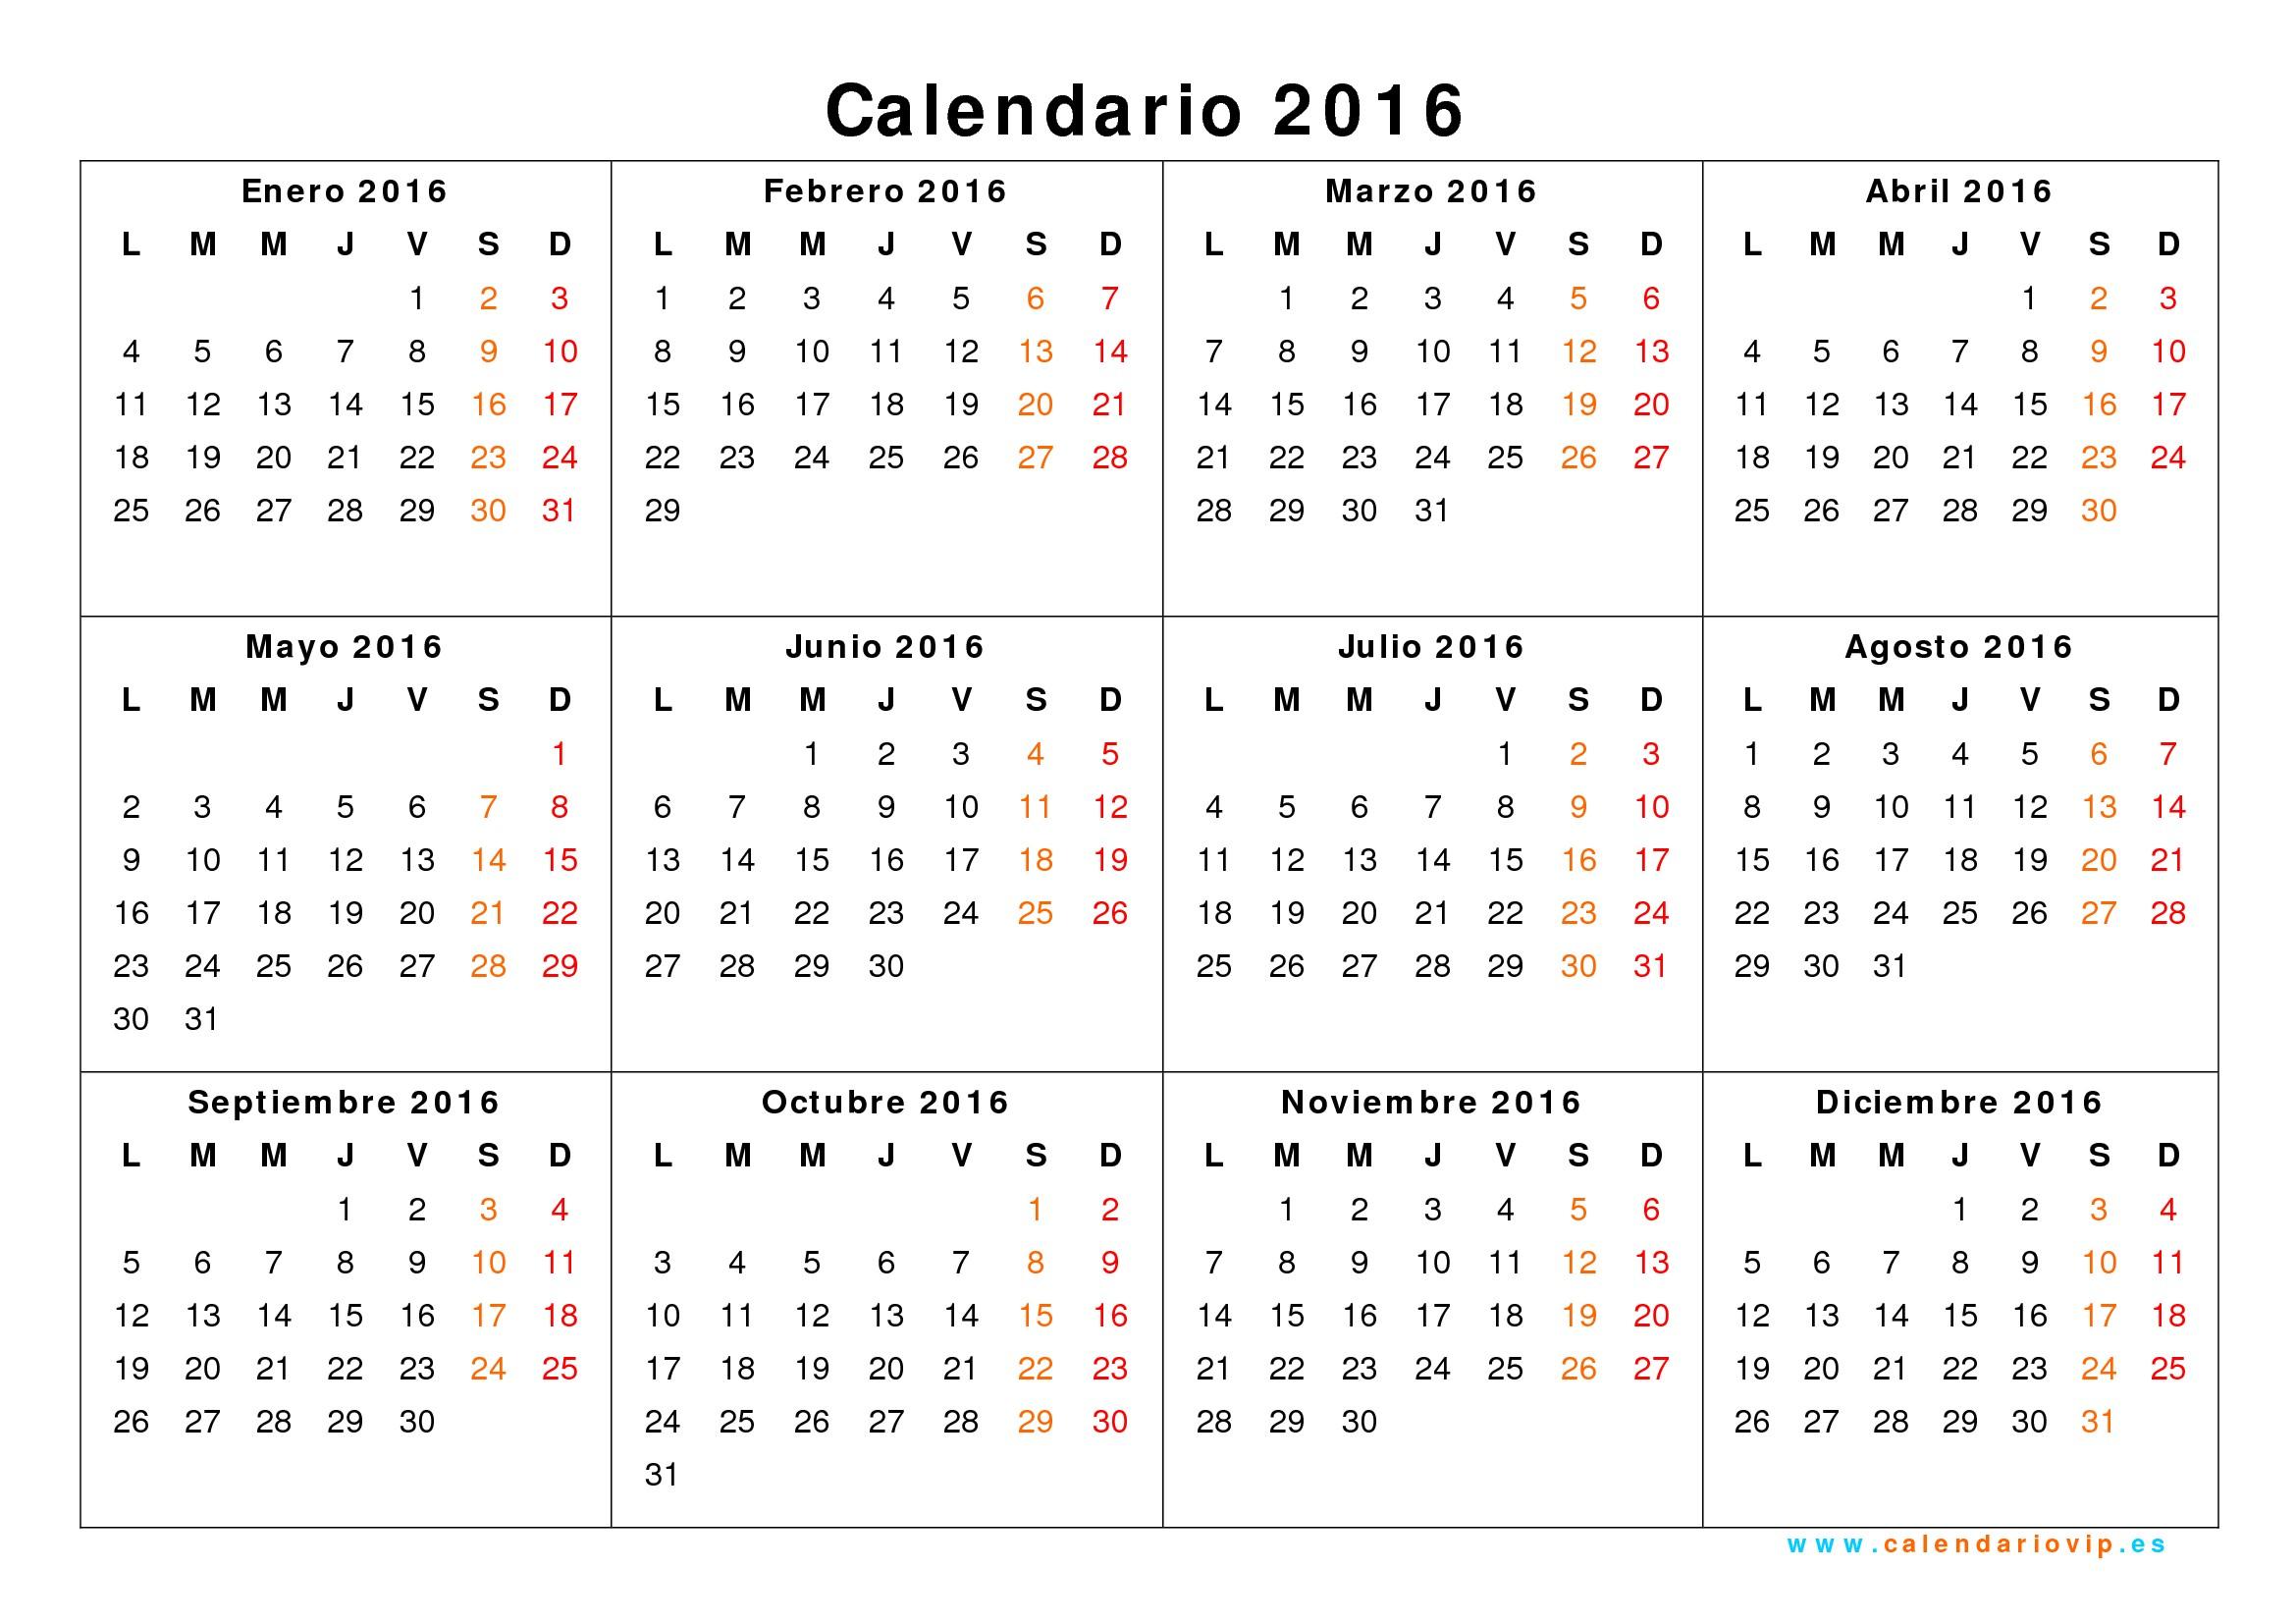 2016 calendario imprimible gratis 2019 2018 calendar printable